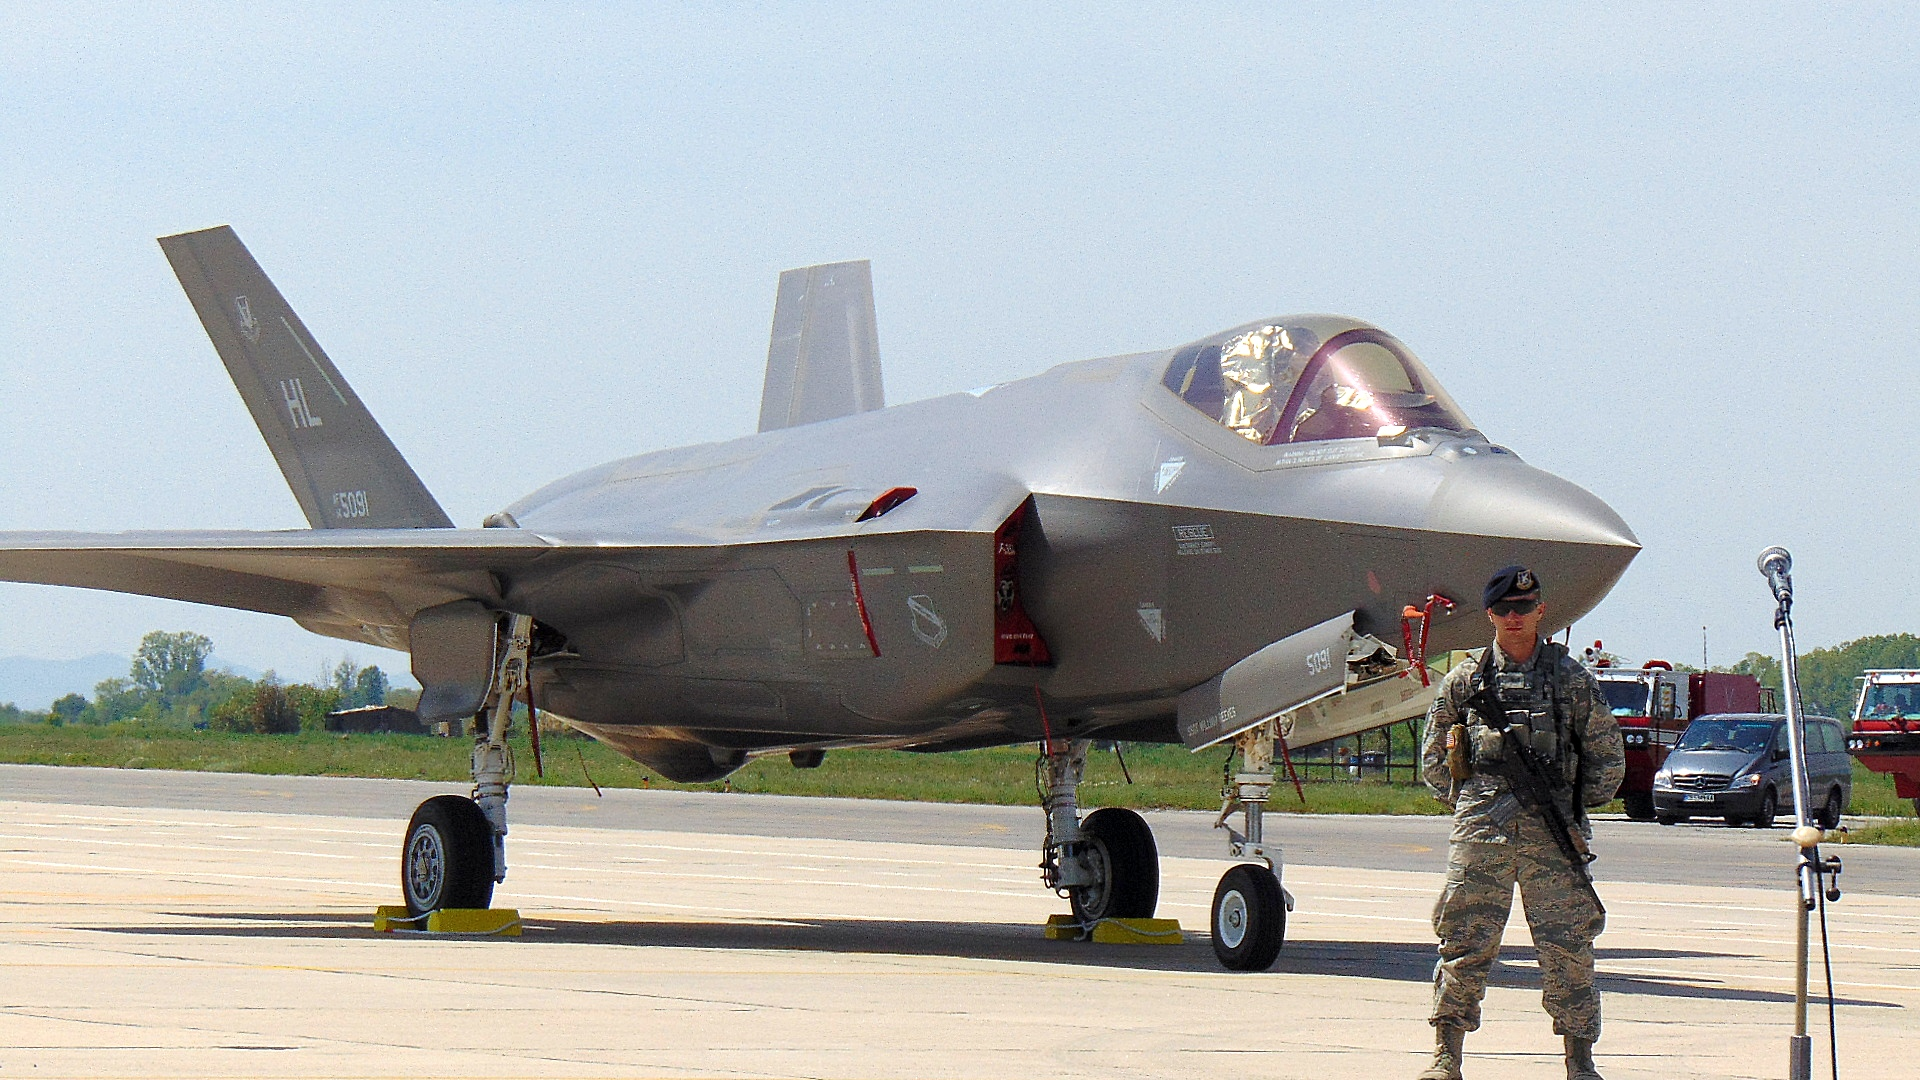 Американски суперизтребители летят над България Два самолета F-35A извършиха демонстрационен полет и кацнаха в авиобаза Граф Игнатиево. Това са единствените изтребители от пето поколение в света. F-35A e почти невидим за радарите, със Стелт покритие и уникални характеристики на двигателя. Президентът Румен Радев присъства на демонстрацията.